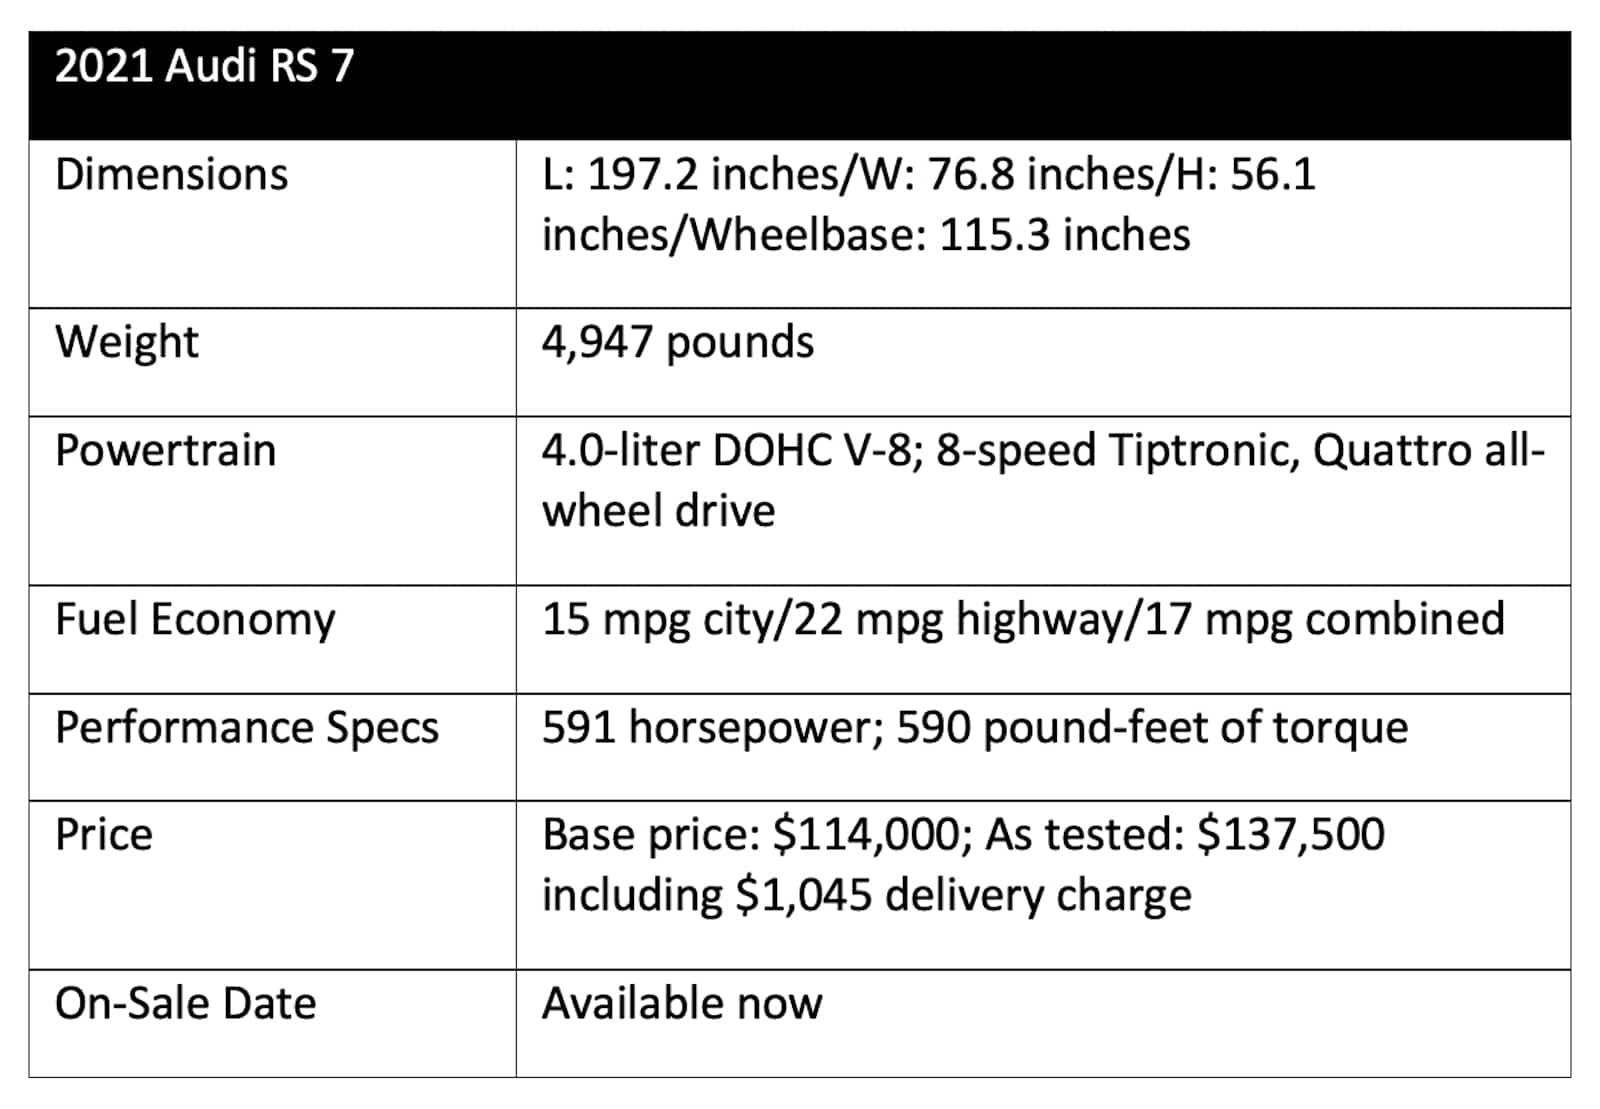 2021 Audi RS 7 chart